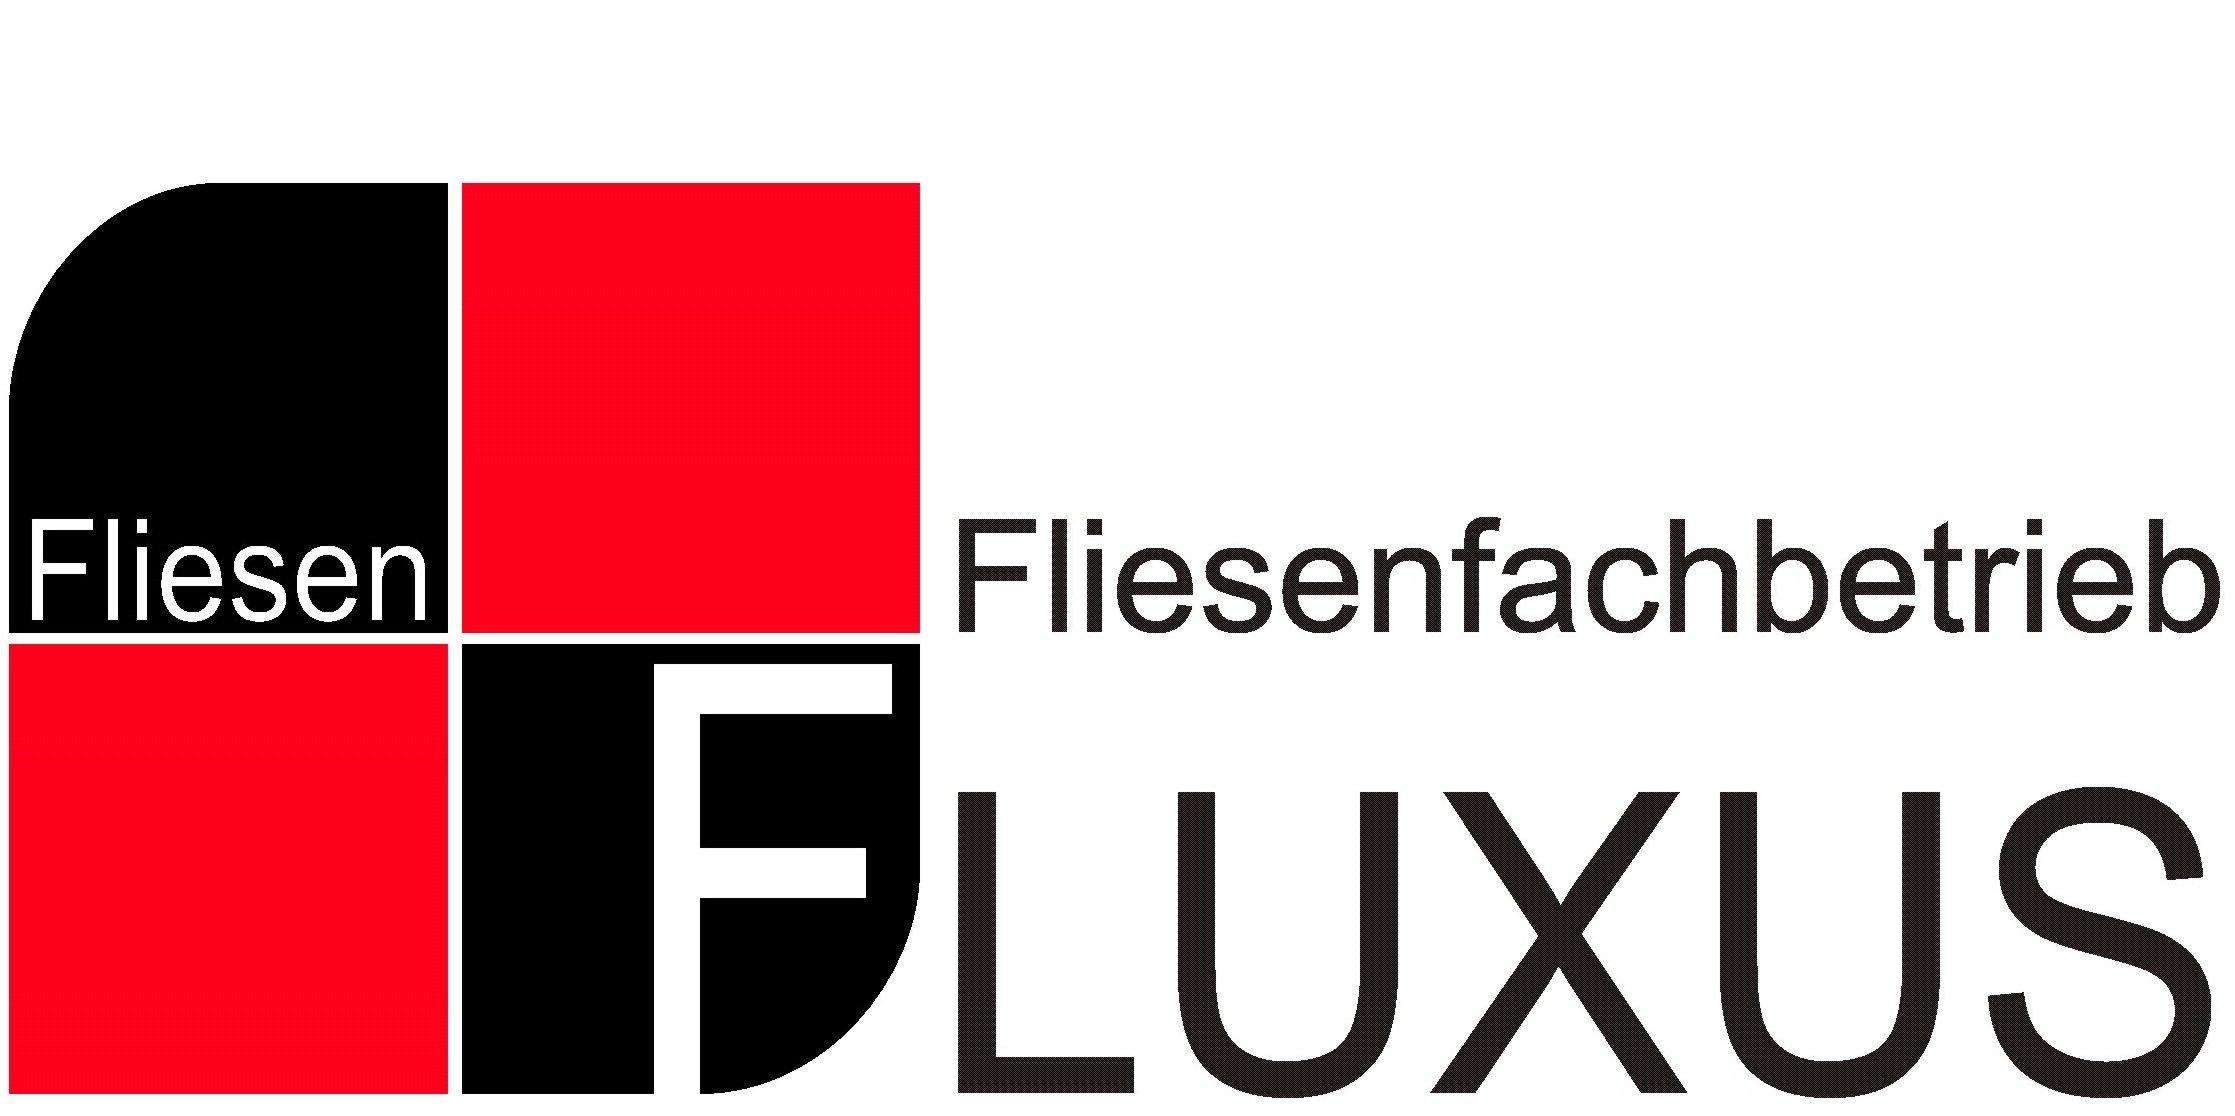 Fliesen Fluxus